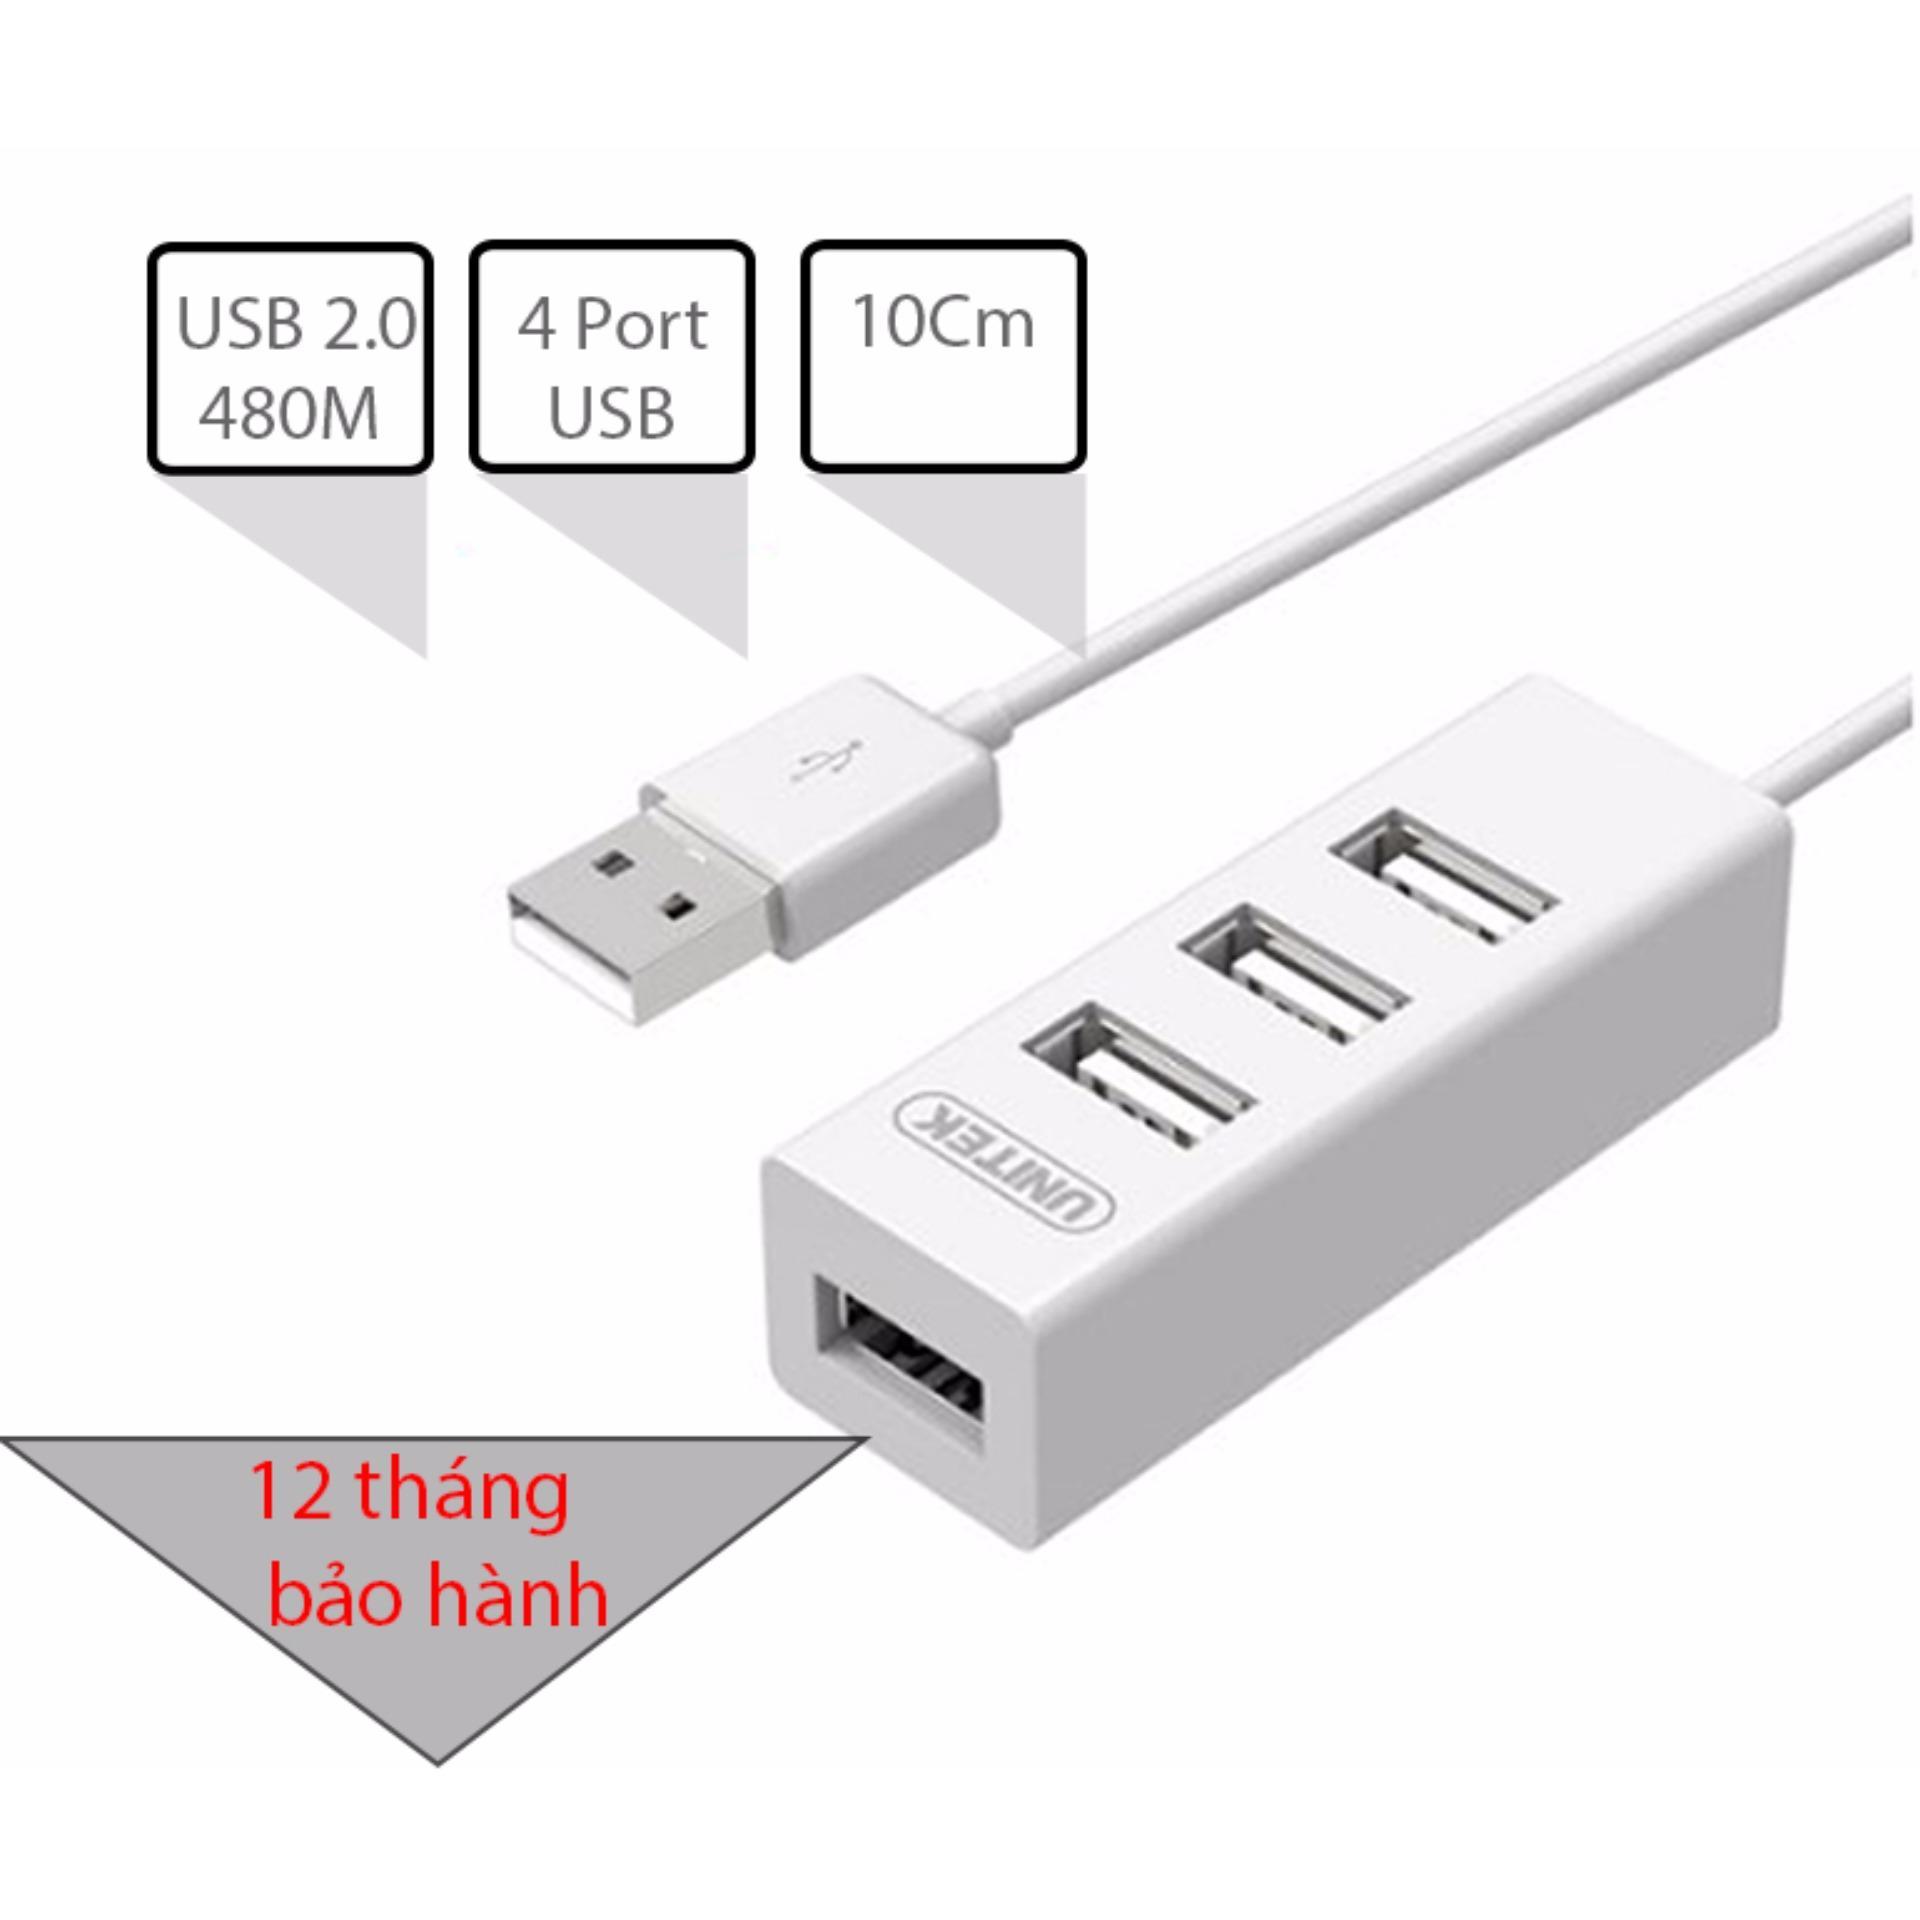 Bộ chia USB 2.0 4 cổng dây ngắn gọn 10Cm UNITEK Y-2146 (màu trắng)